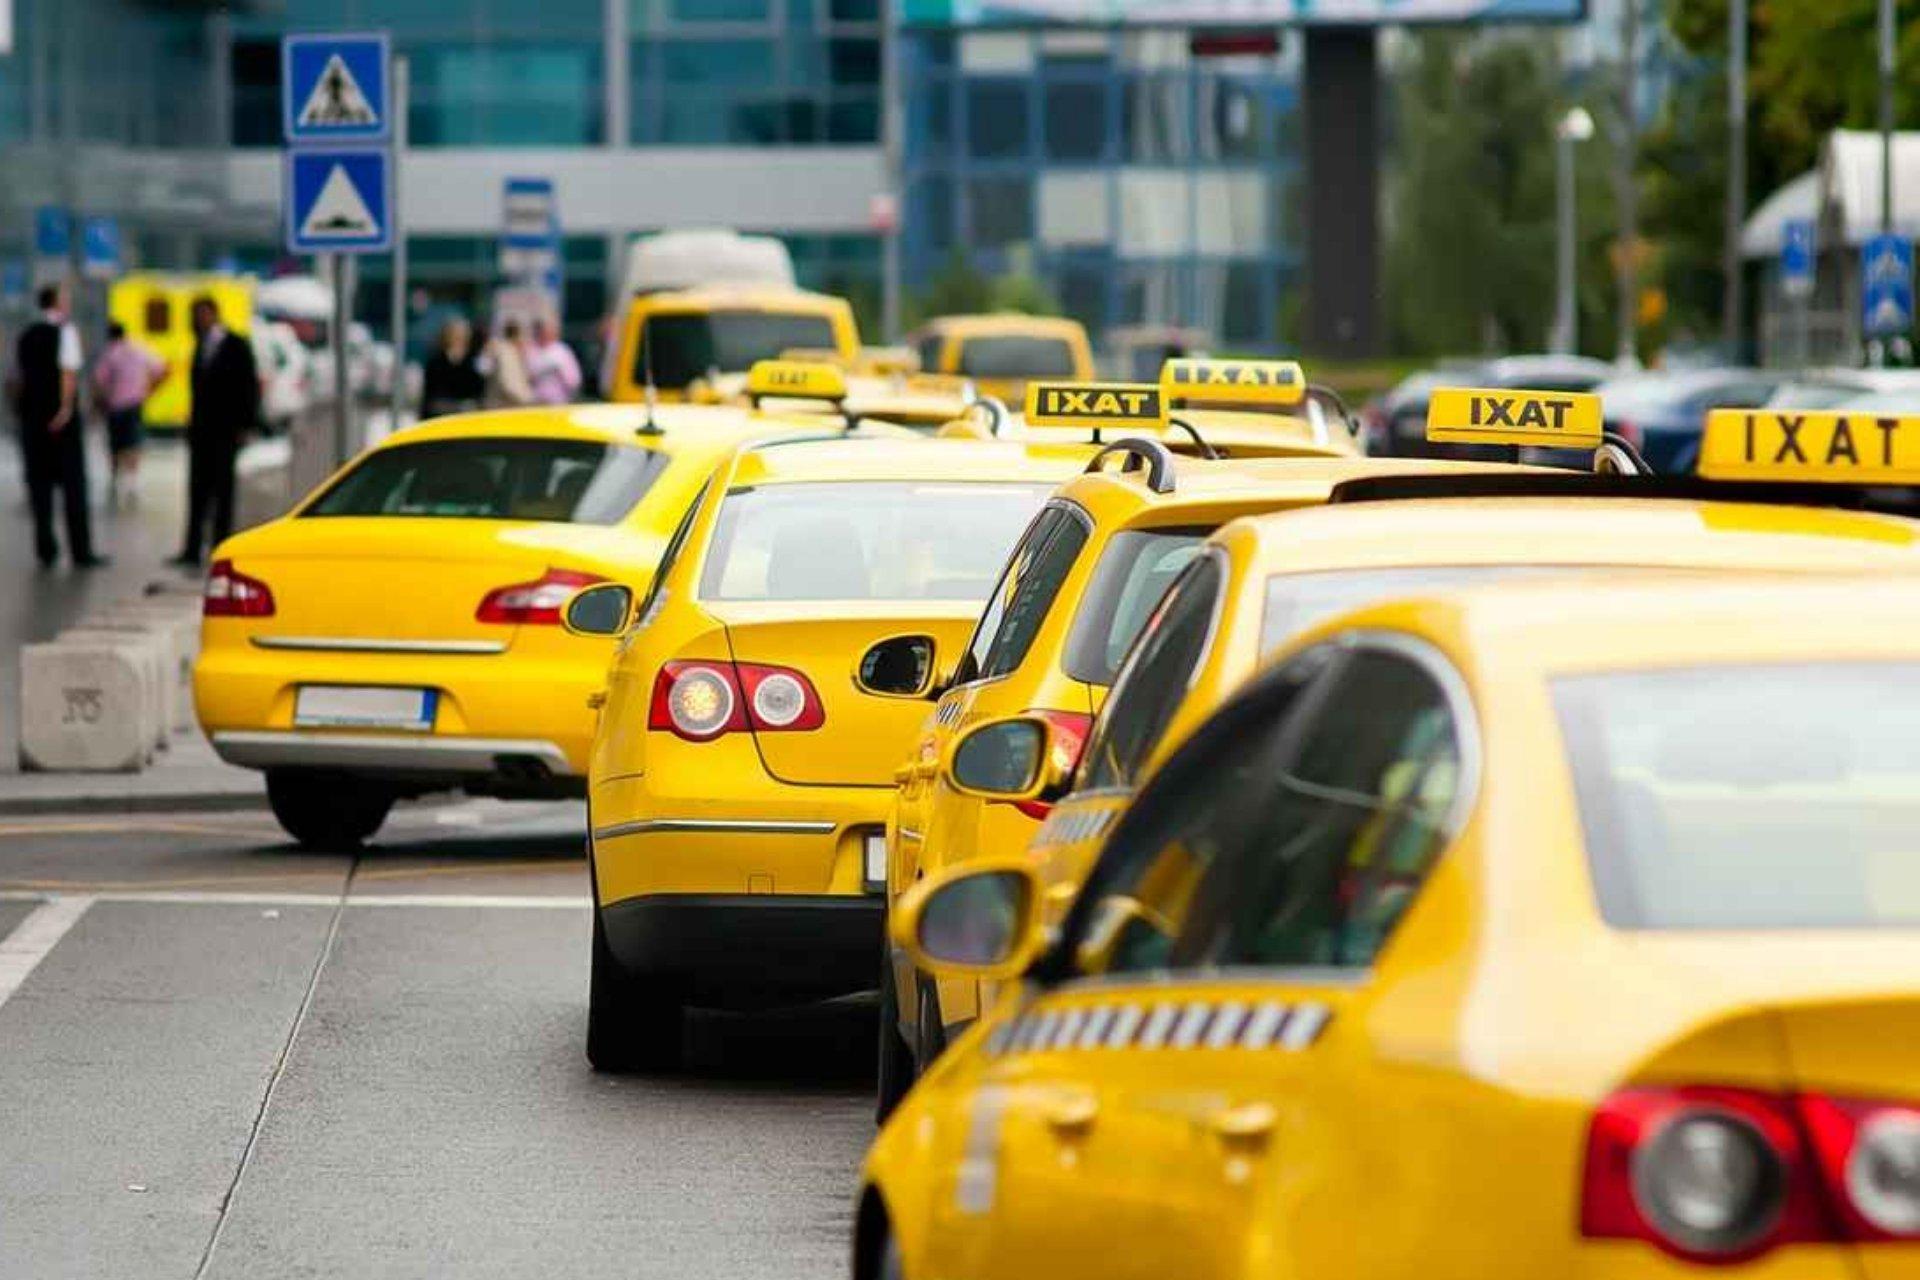 Рынок такси переходит в фазу стабилизации